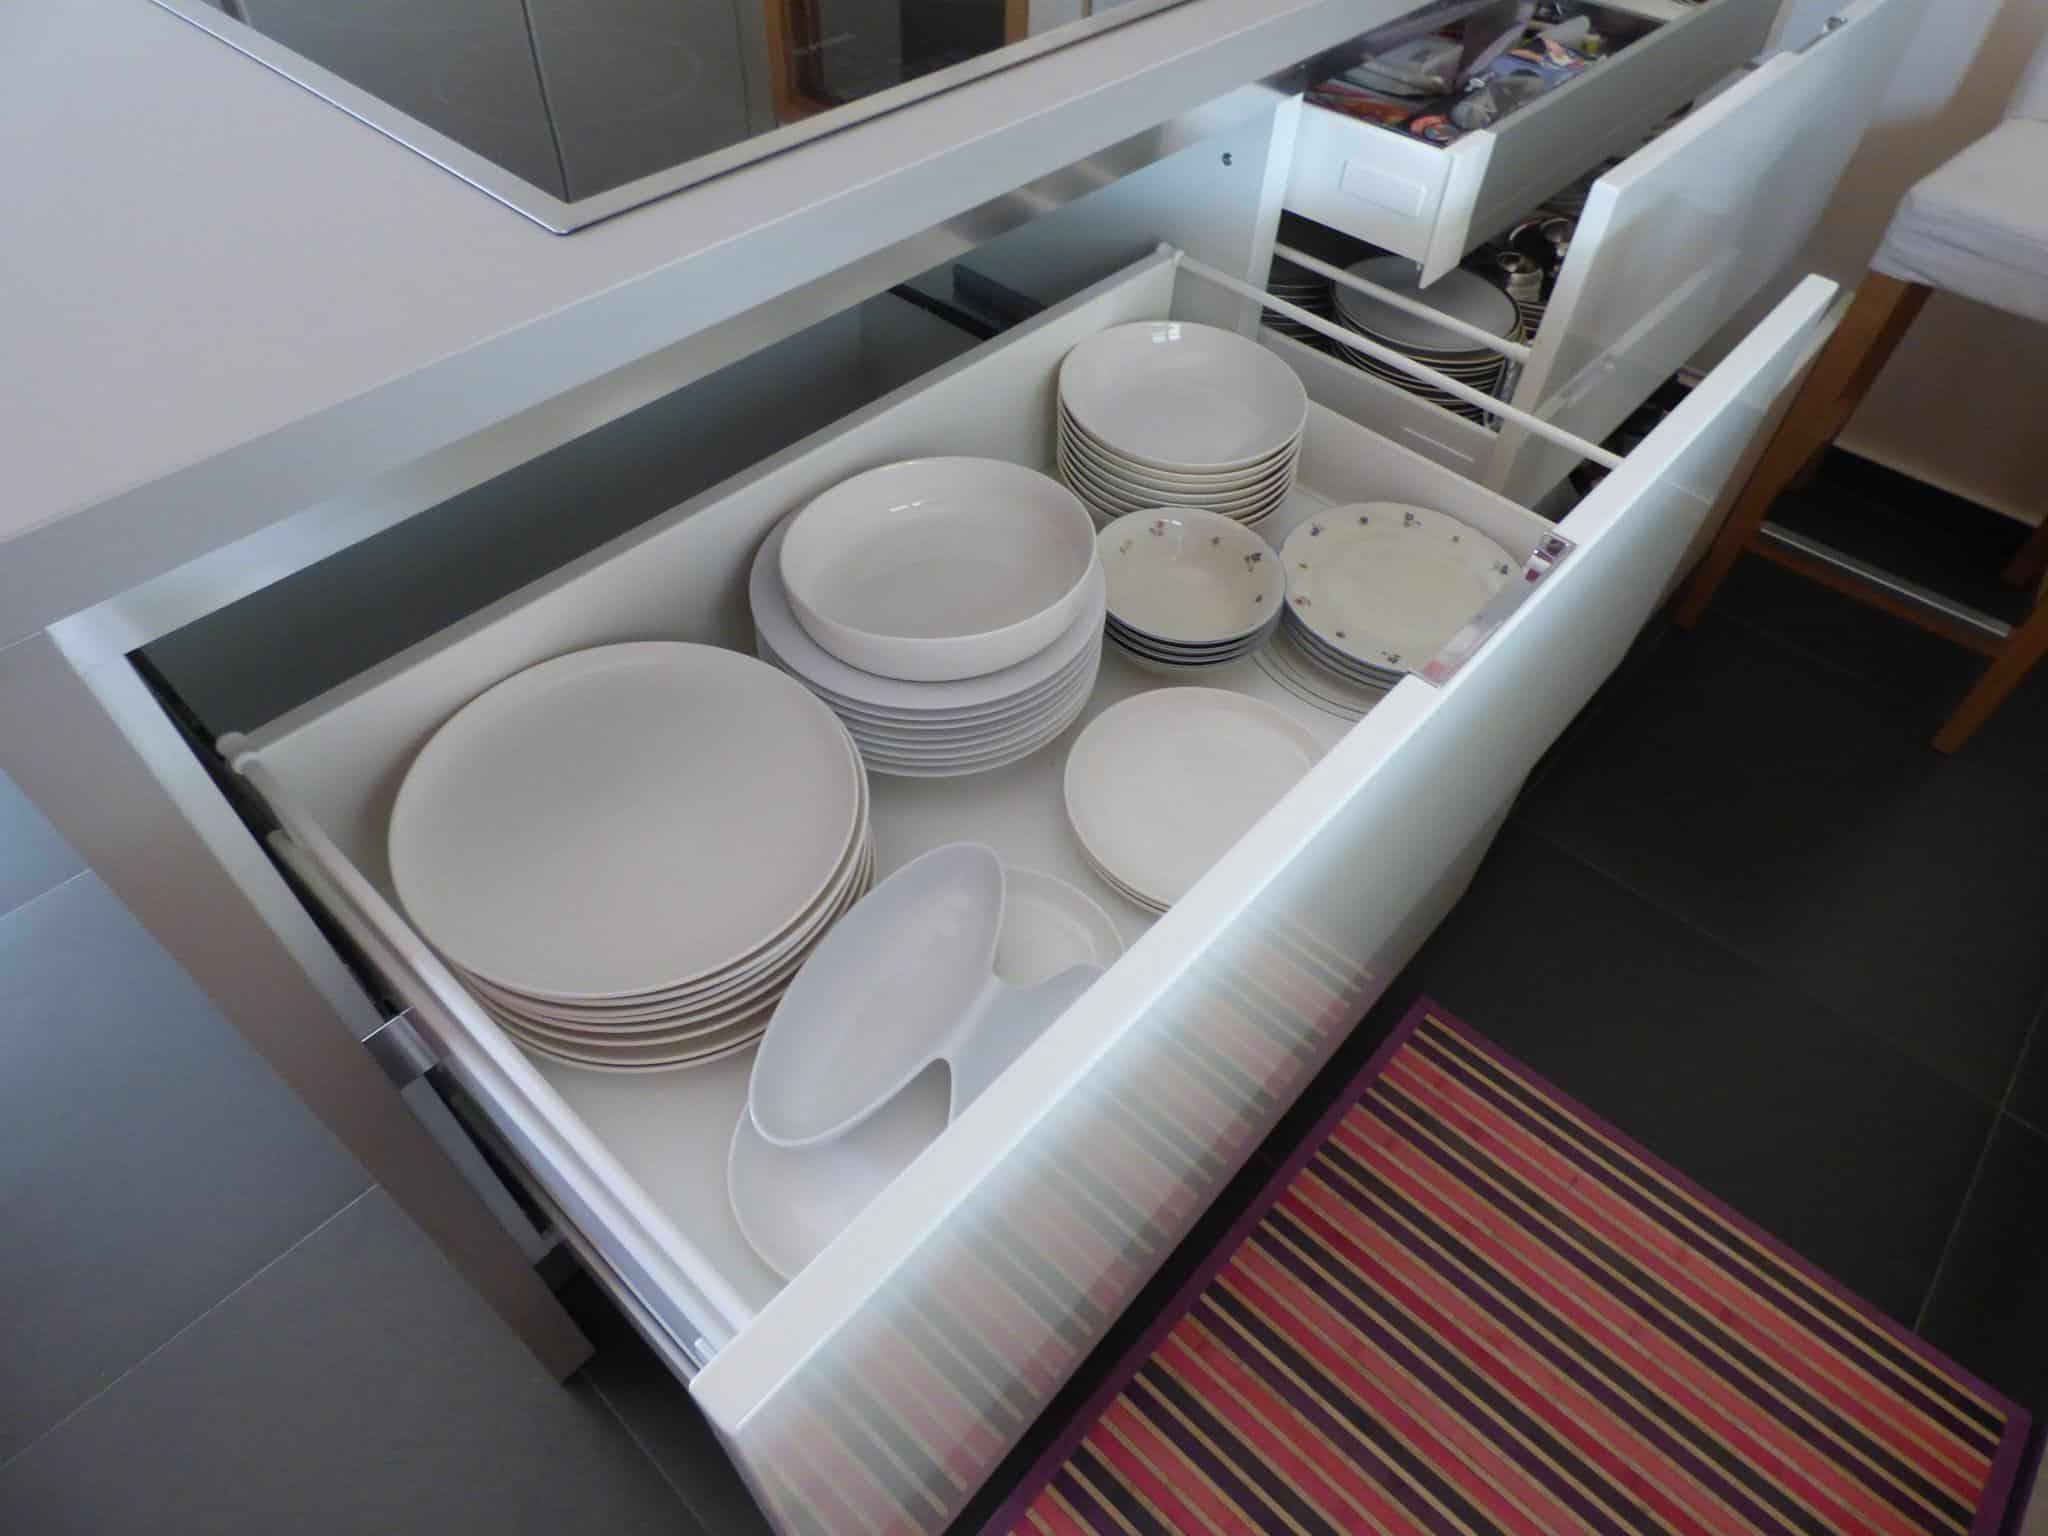 Έπιπλα Κουζίνας Λάκας Nexa με χωνετή λαβή Gola και πάγκους Νανοτεχνολογίας FENIX NTM® χρωματισμού Zinco Doha 15